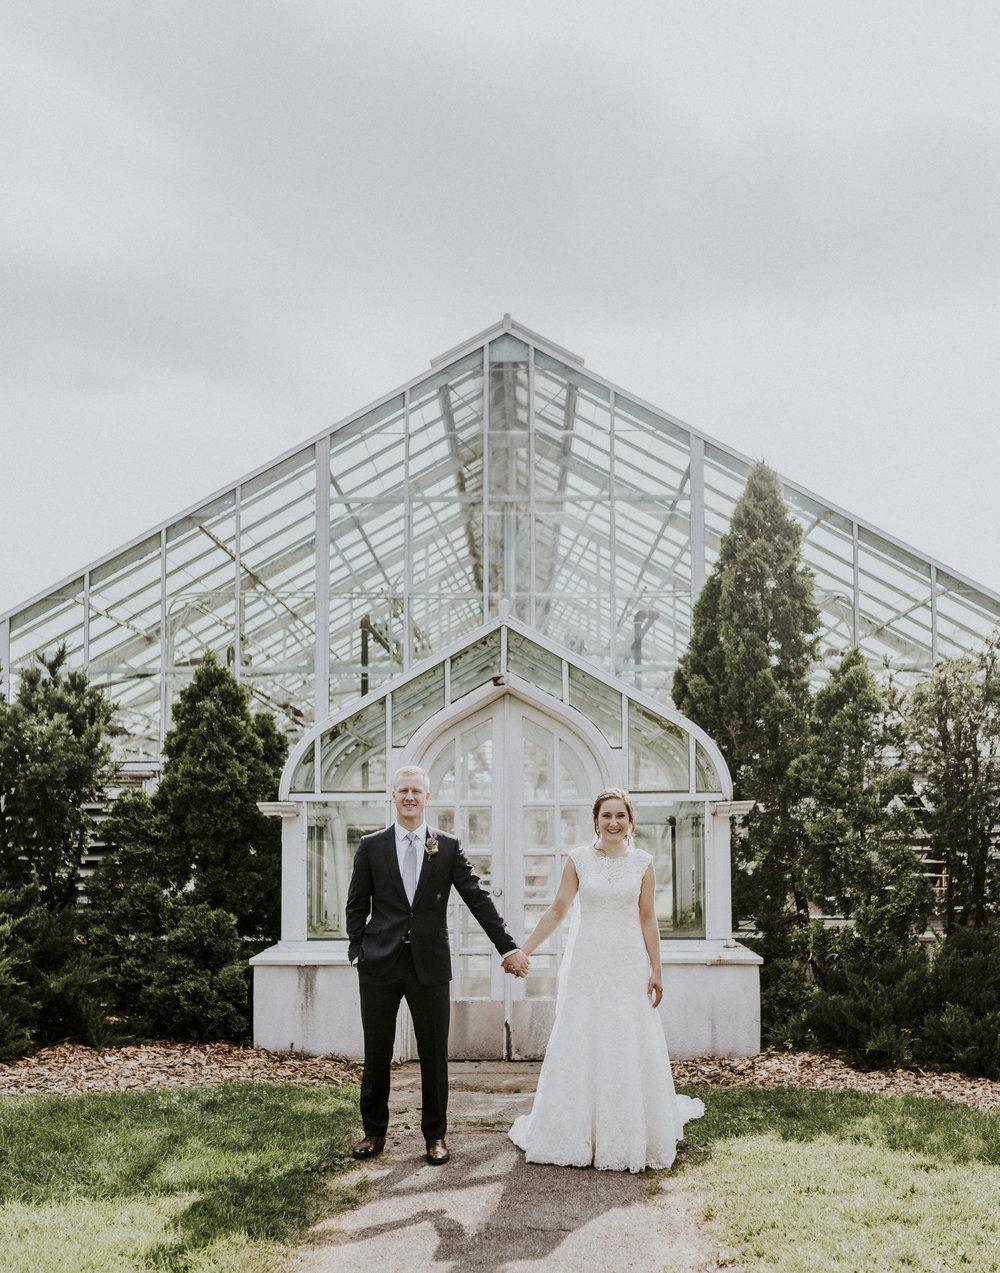 BRIDE+GROOM-PORTRAITS-011.jpg